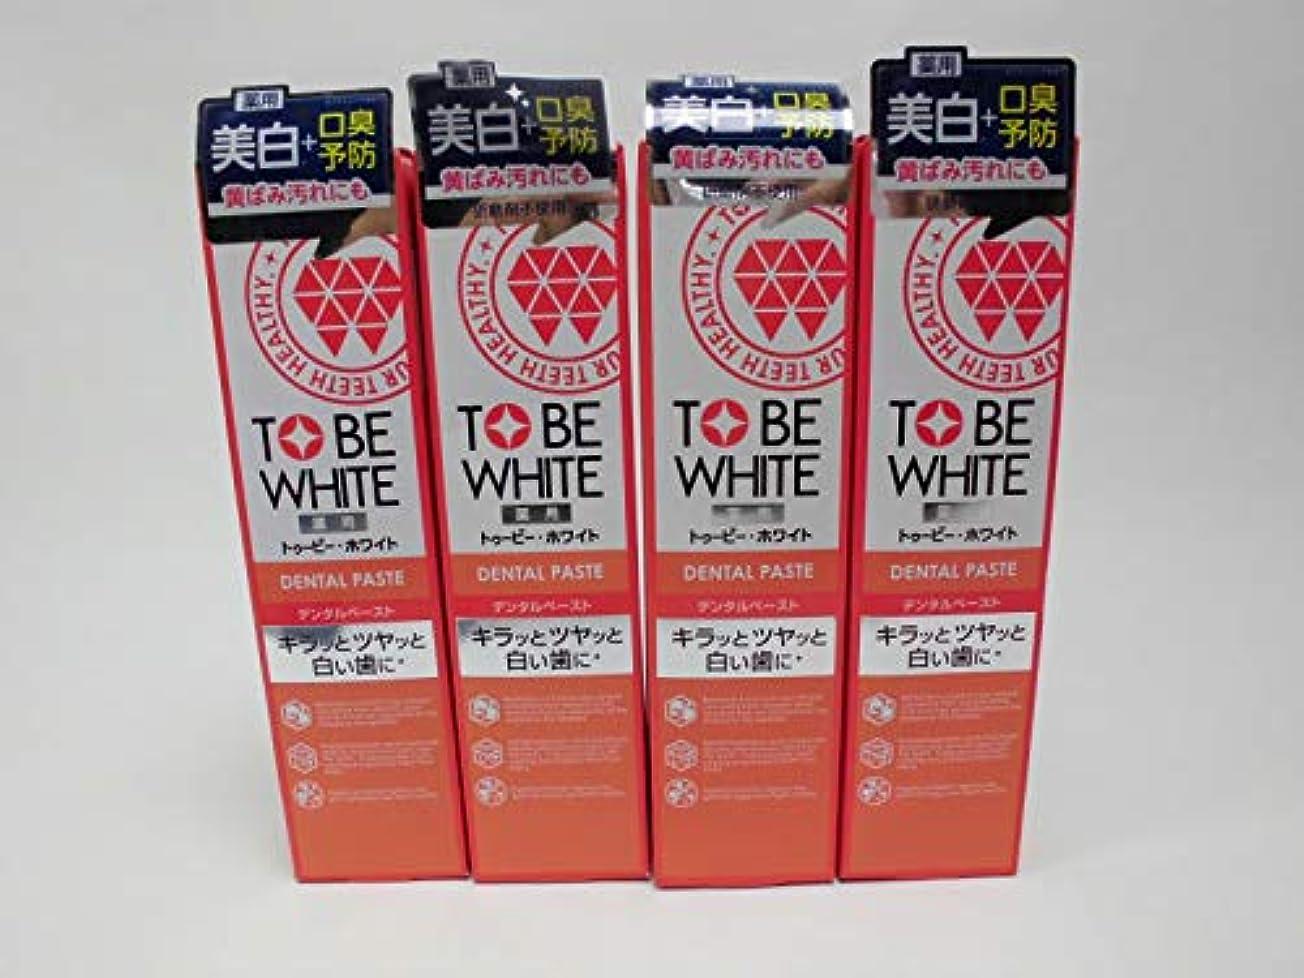 結果として異常な行為【4個セット】「歯周病予防+ホワイトニング」 トゥービー・ホワイト 薬用デンタルペースト (100g)×4個セット